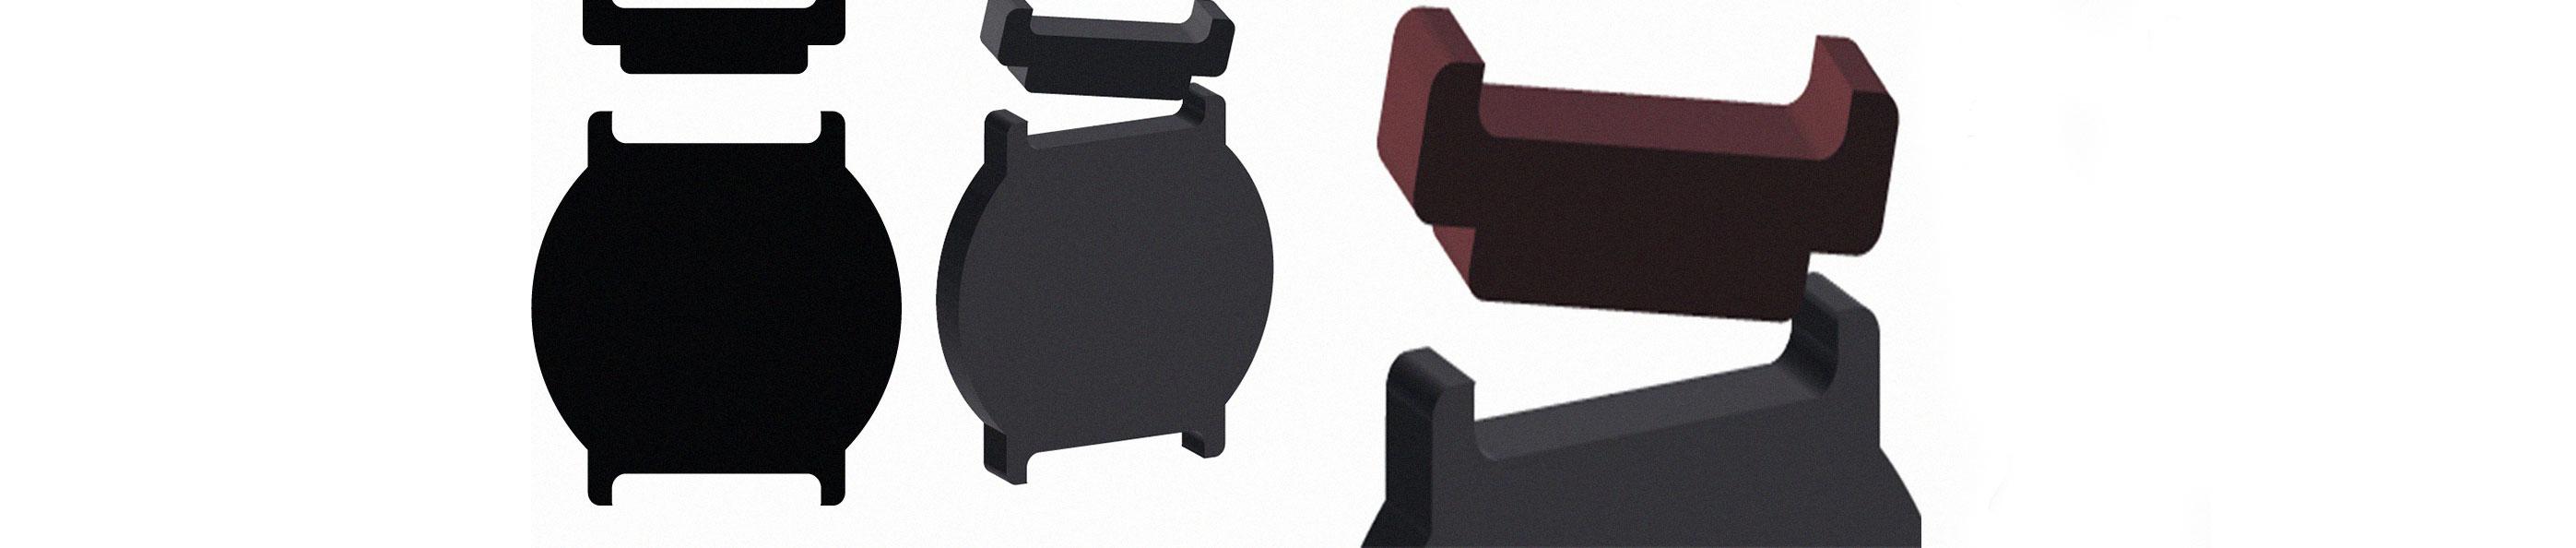 3D Einzelteile, Illustrator